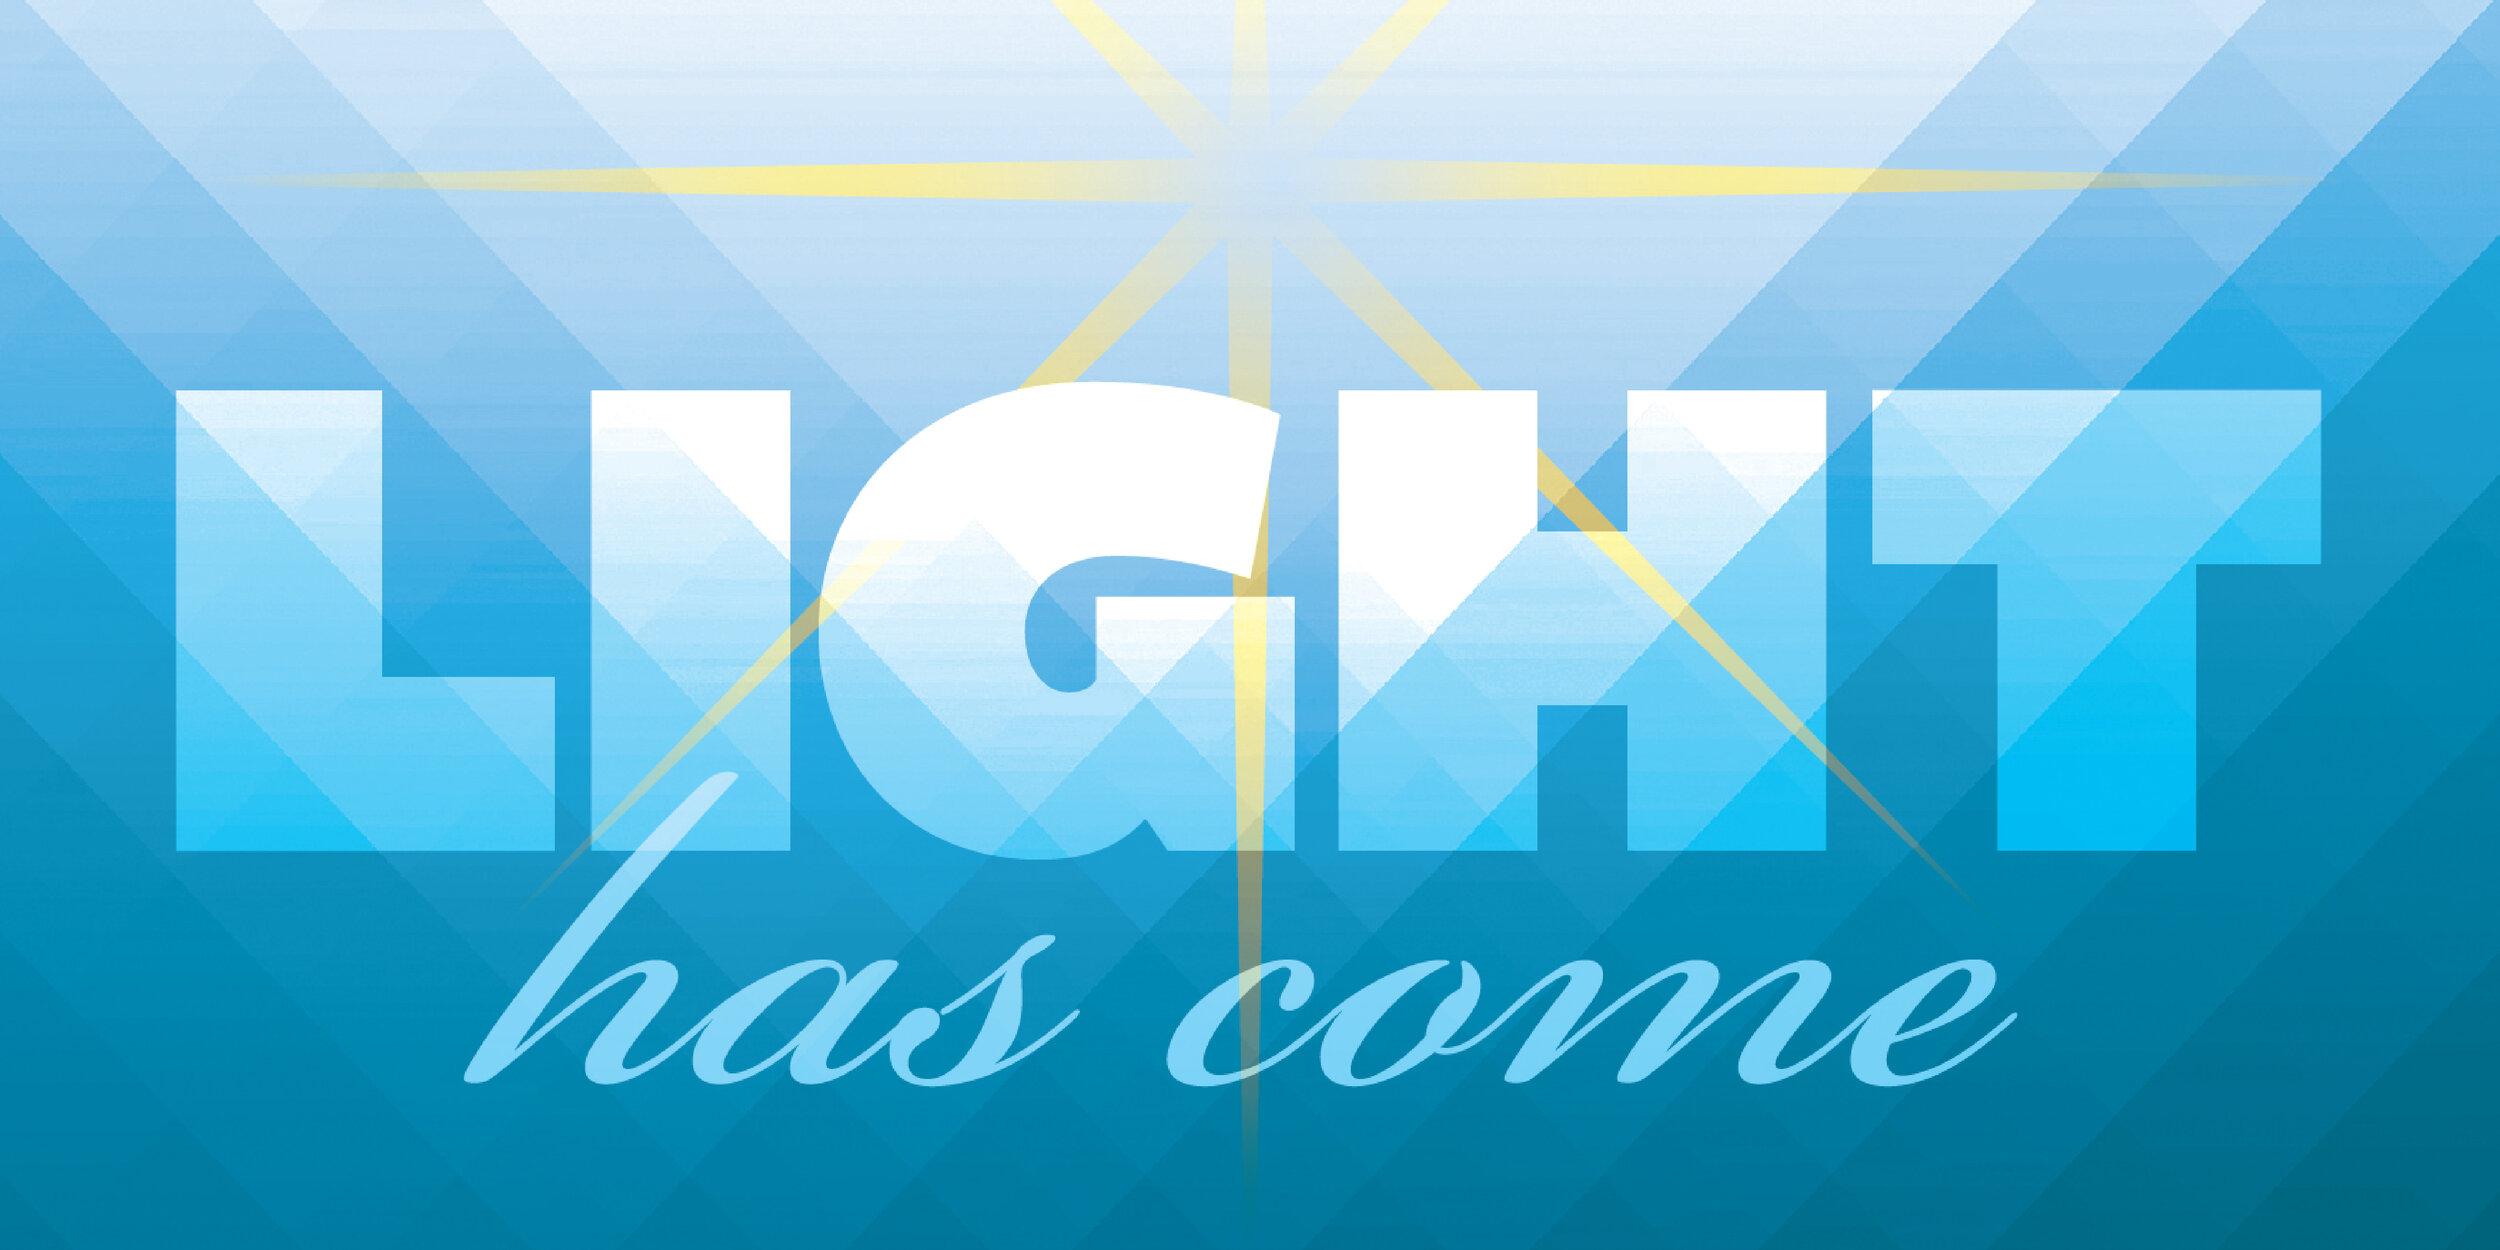 Light Has Come_Eventbrite.jpg